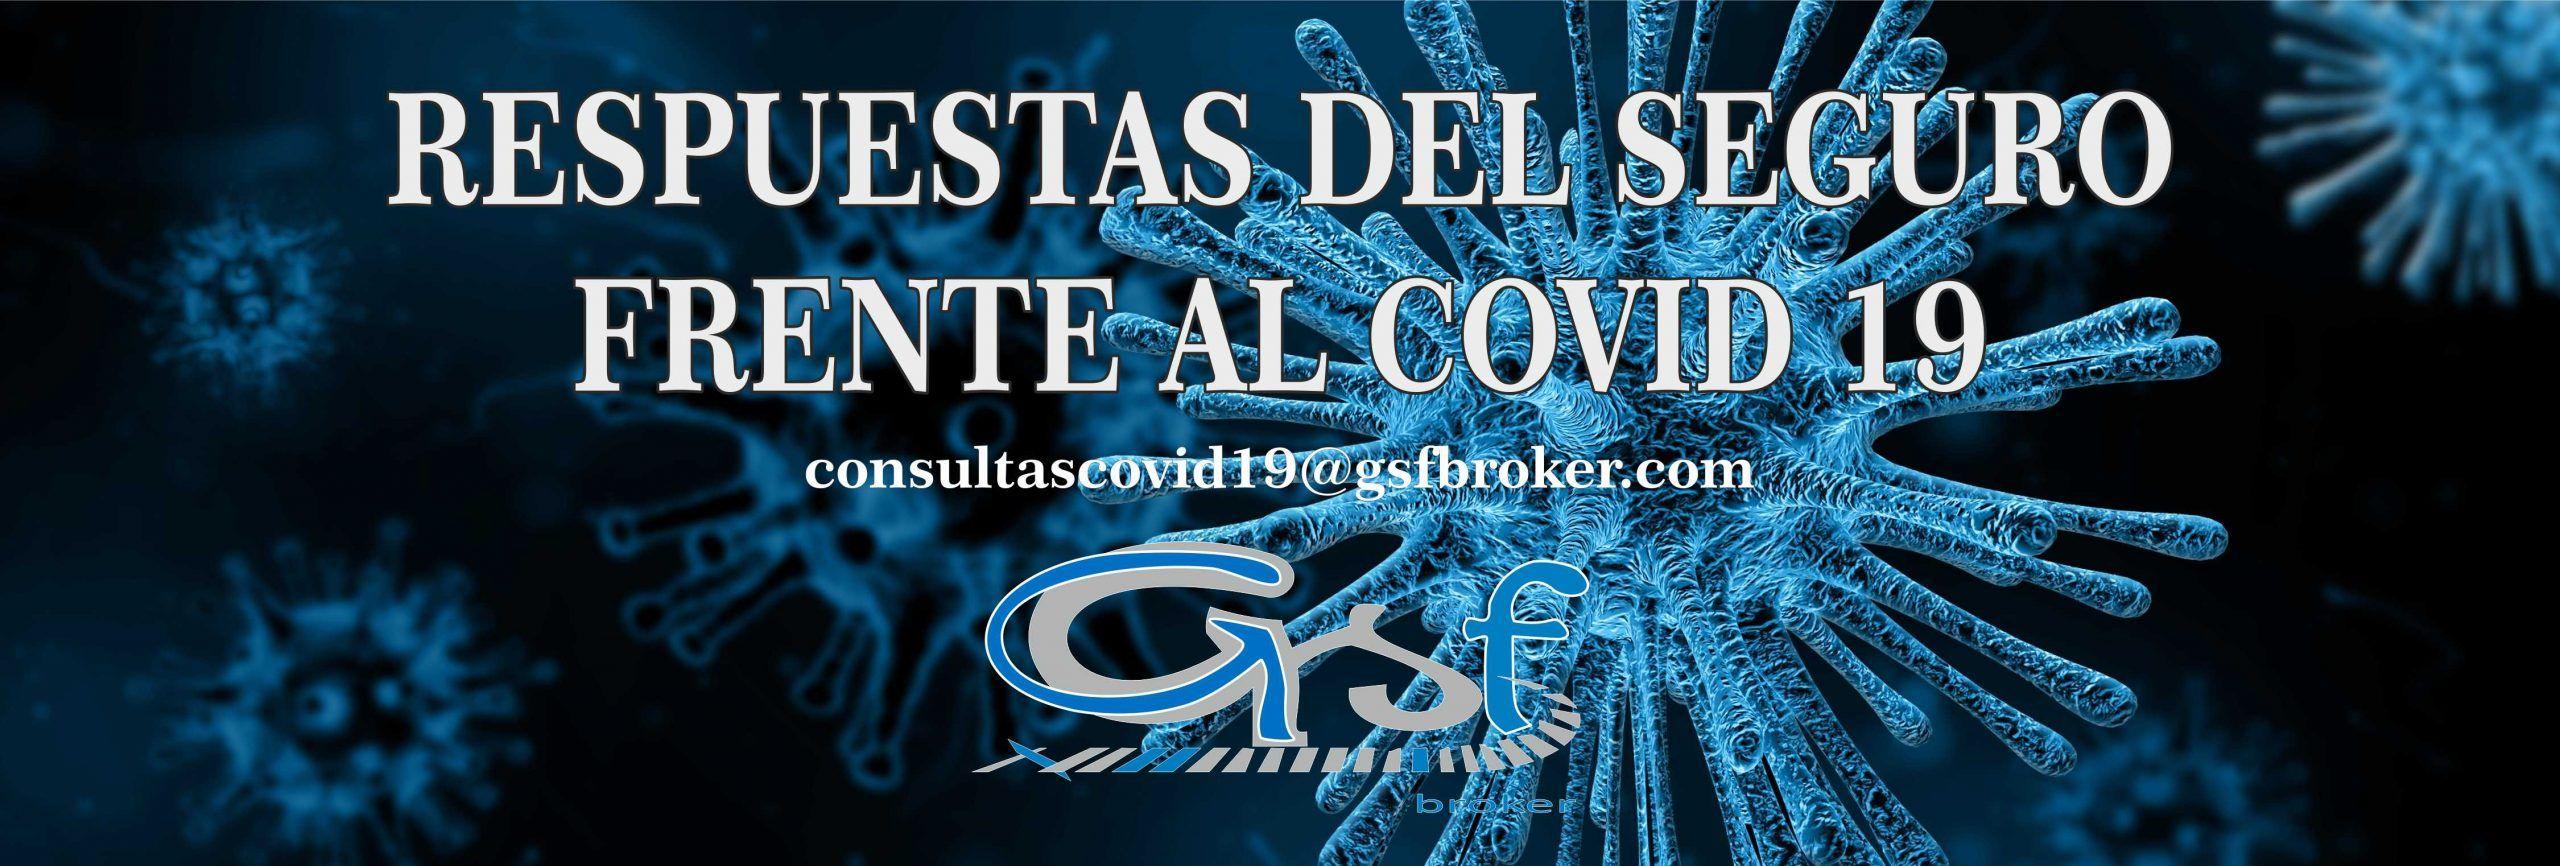 RESPUESTAS DEL SEGURO FRENTE AL COVID-19